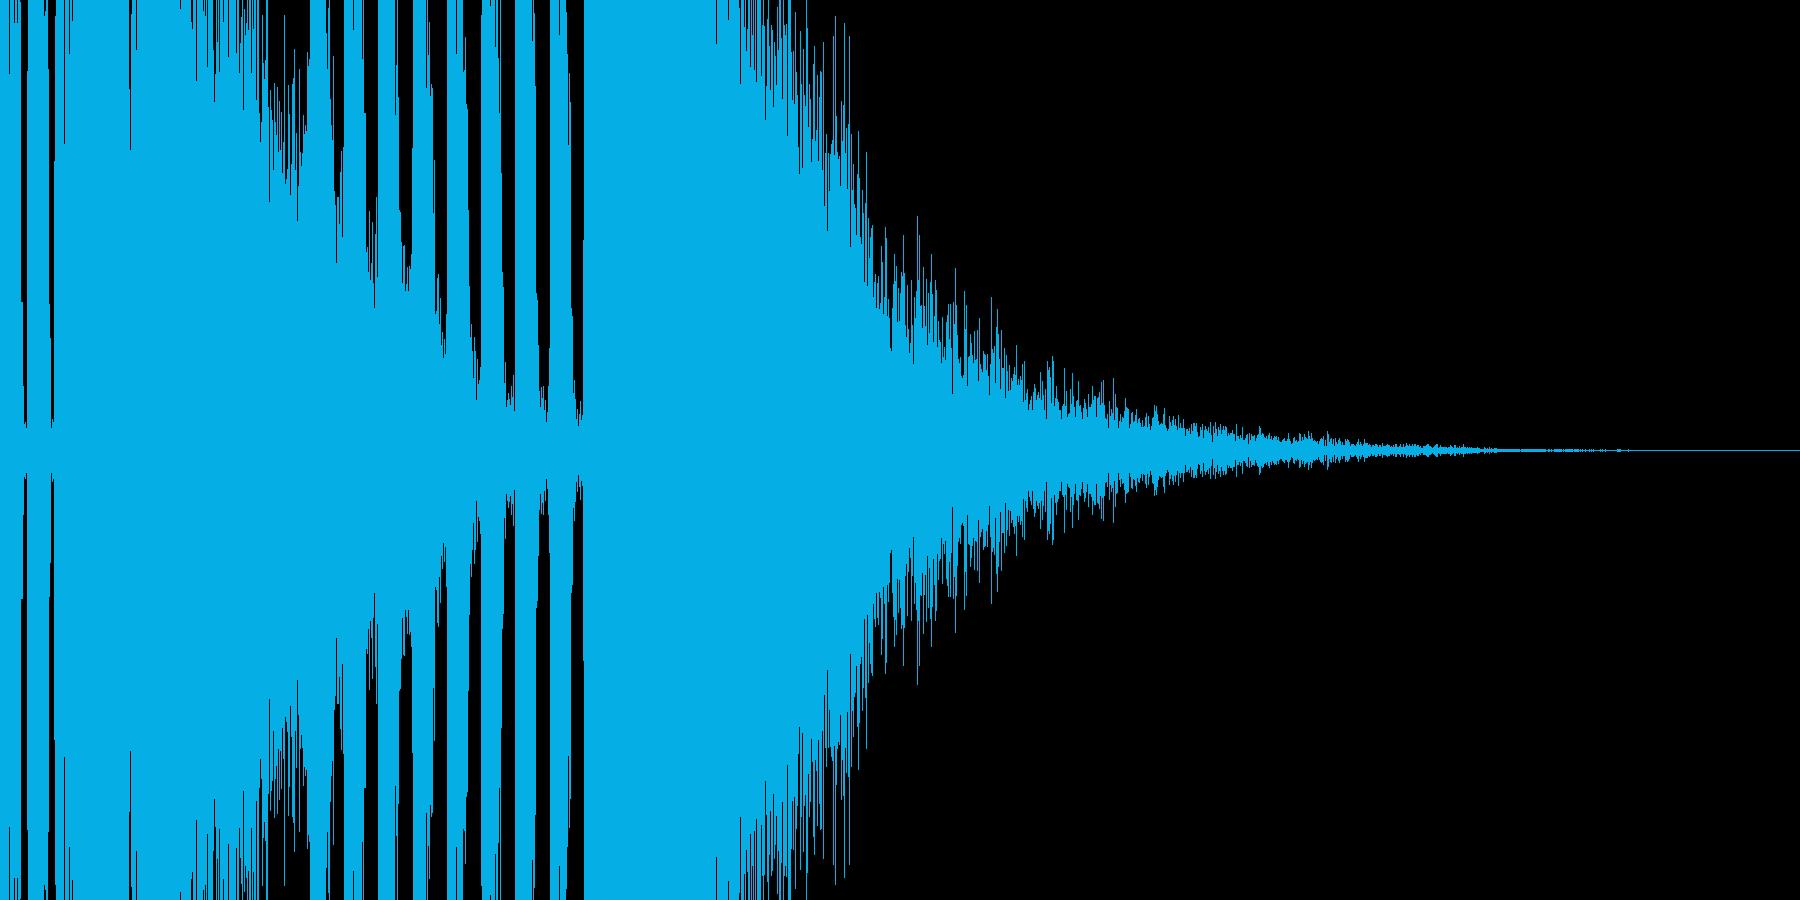 王道のパチンコSEの再生済みの波形